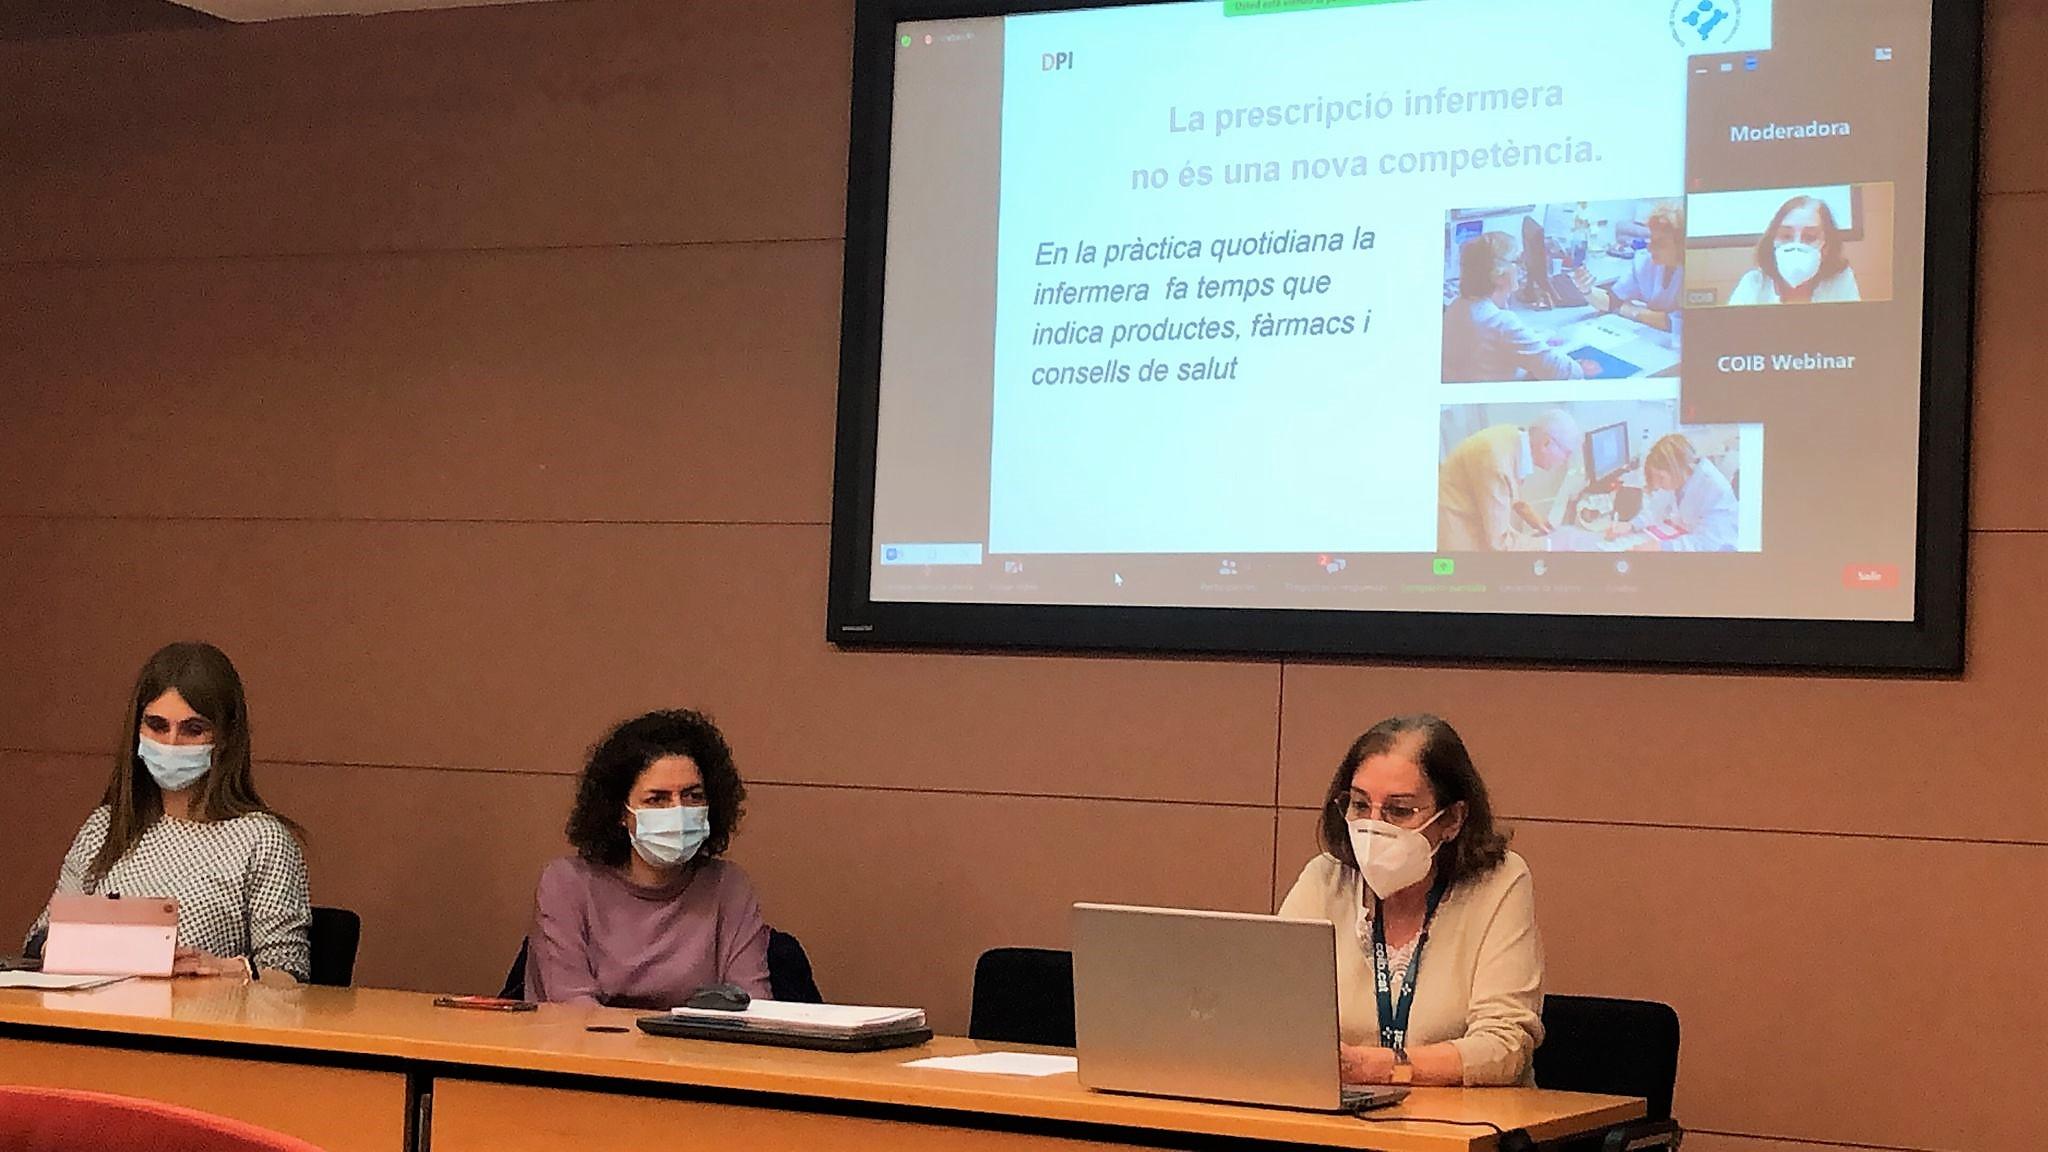 Els referents al COIB del desplegament de la prescripció infermera expliquen el projecte a les delegacions comarcals